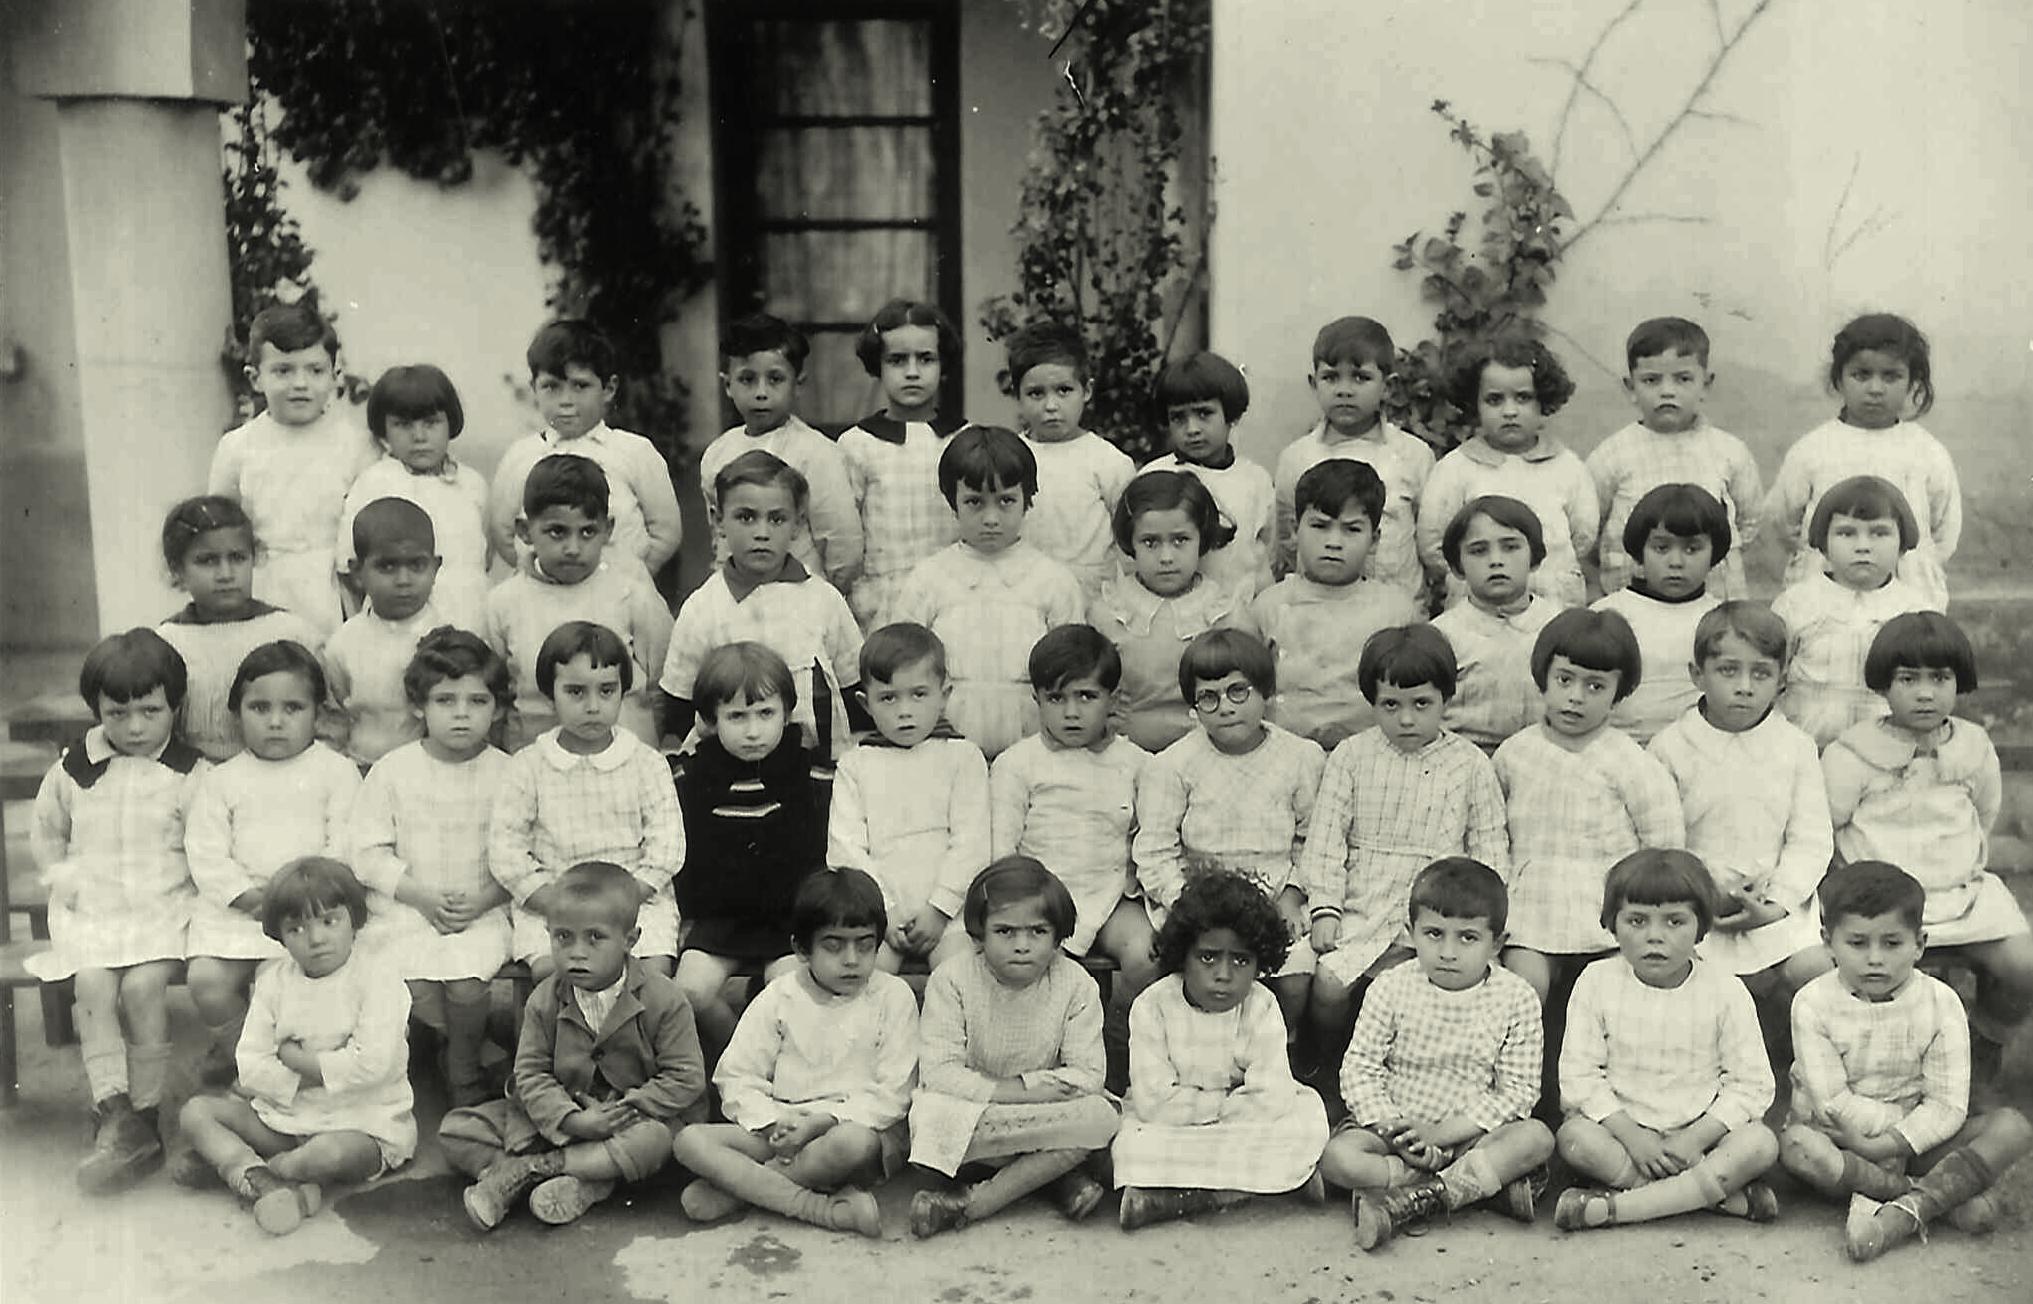 École Maternelle - 1938